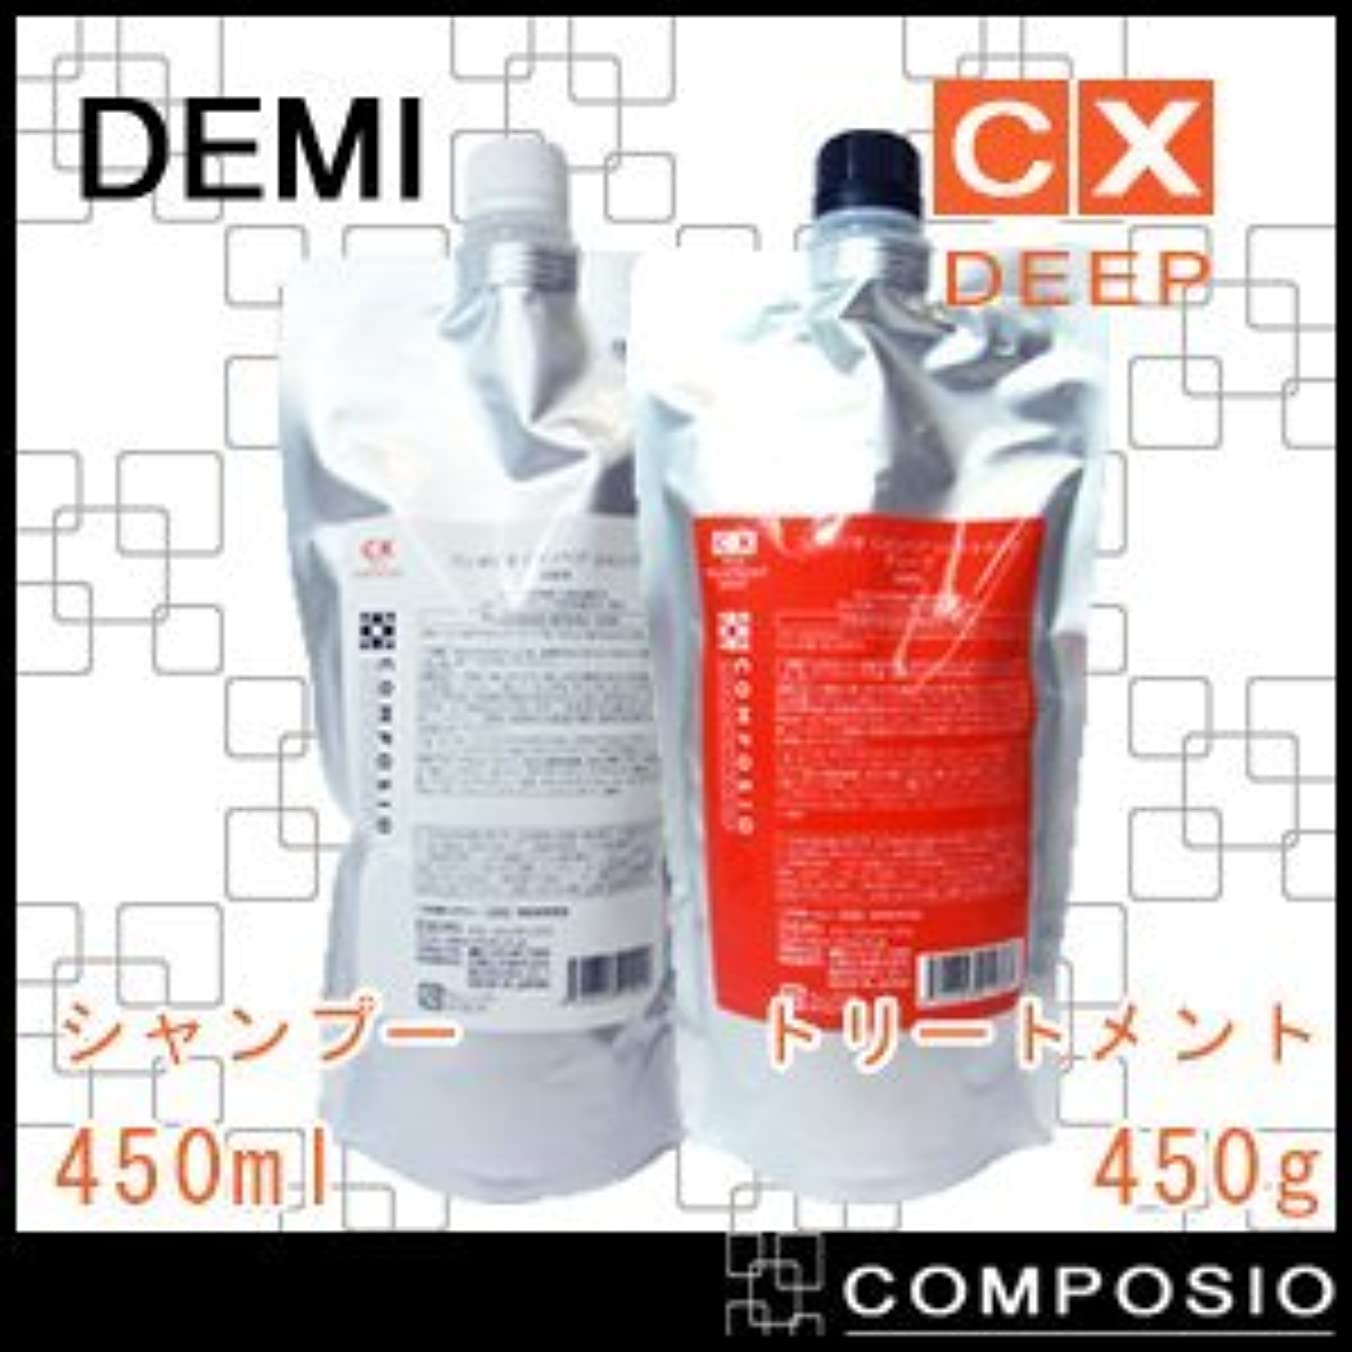 一定行き当たりばったり不透明なデミ コンポジオ CXリペアシャンプー&トリートメント ディープ 詰替 450ml,450g